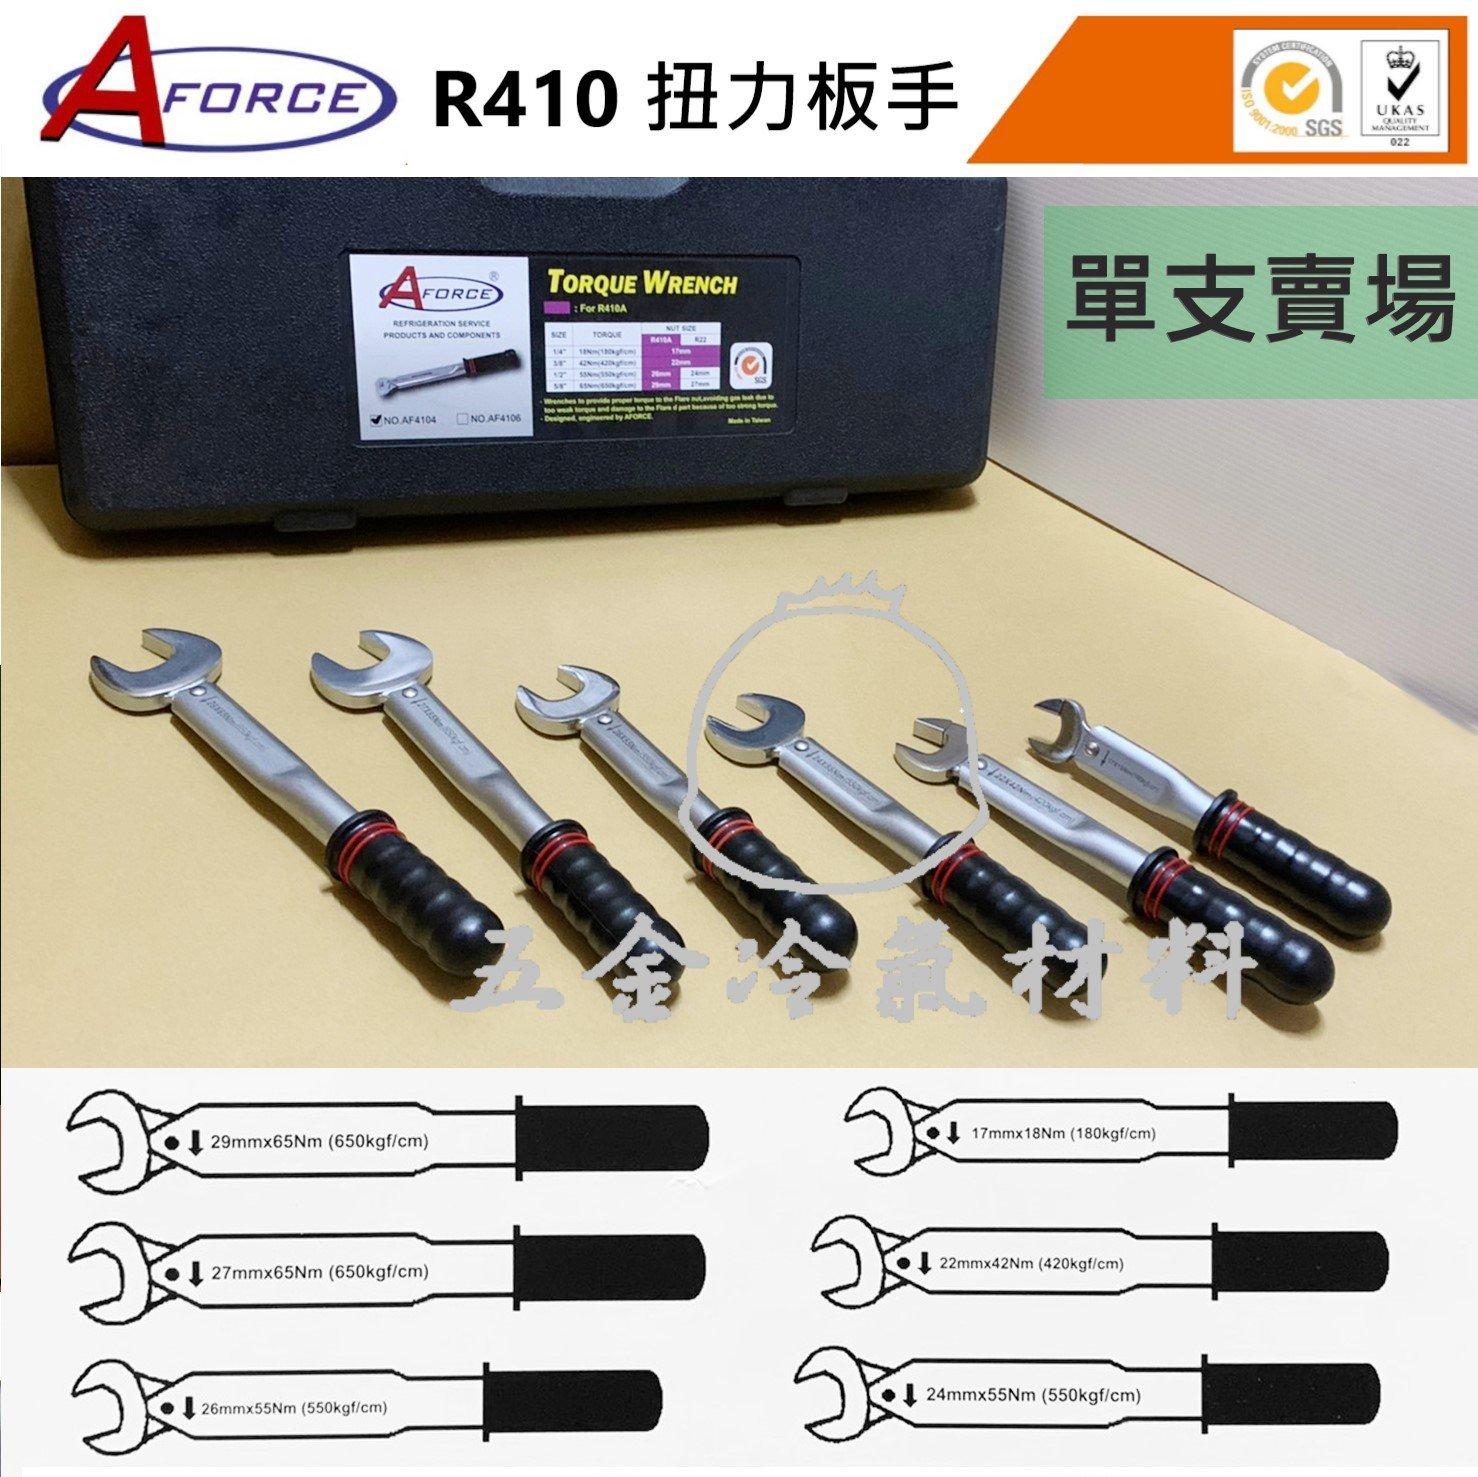 台灣AFORCE R410(R22)五板手 高扭力 冷媒 R410 扭力扳手 銅管 接頭 配管 冷凍 冷氣 空調